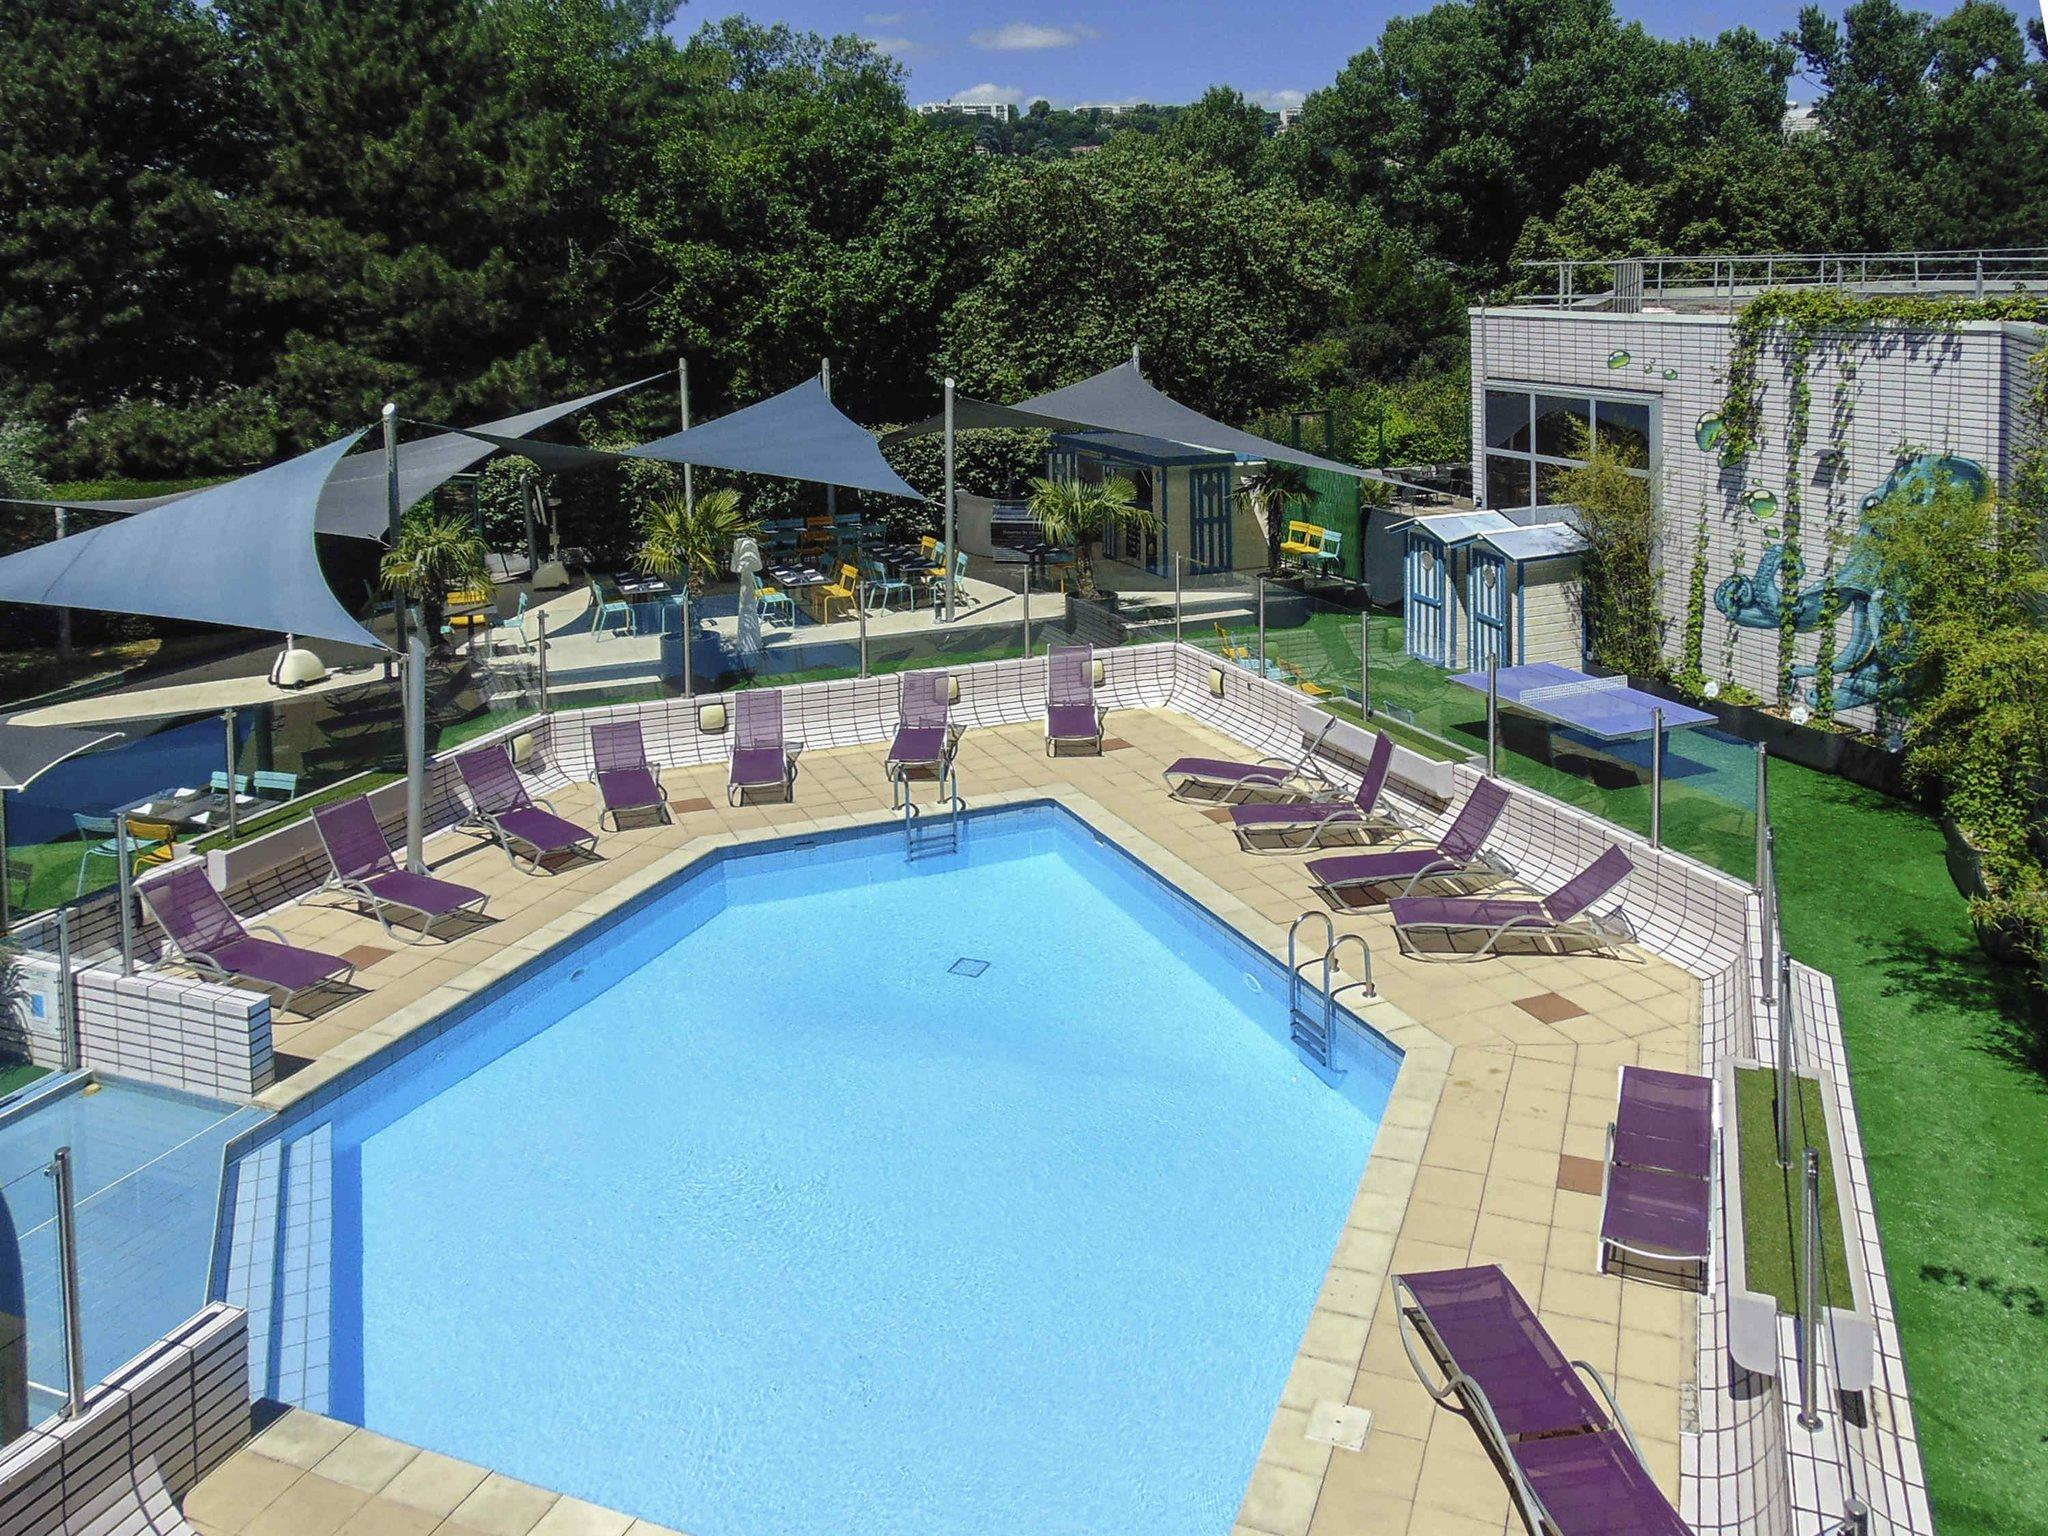 Novotel Lyon Gerland Hotel